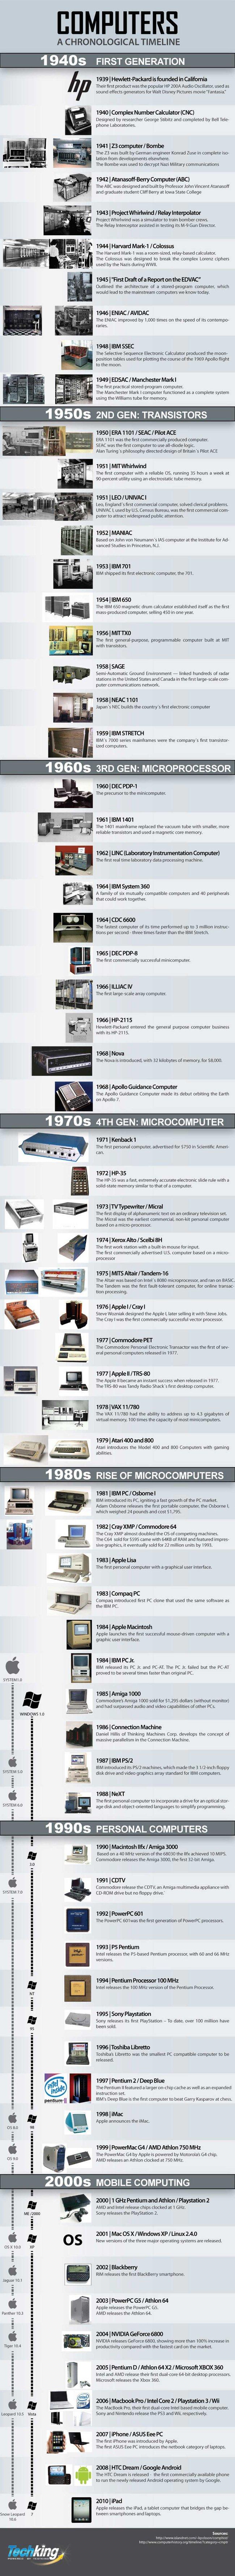 IG HoC 1000px - L'histoire des ordinateurs de 1939 au iPad